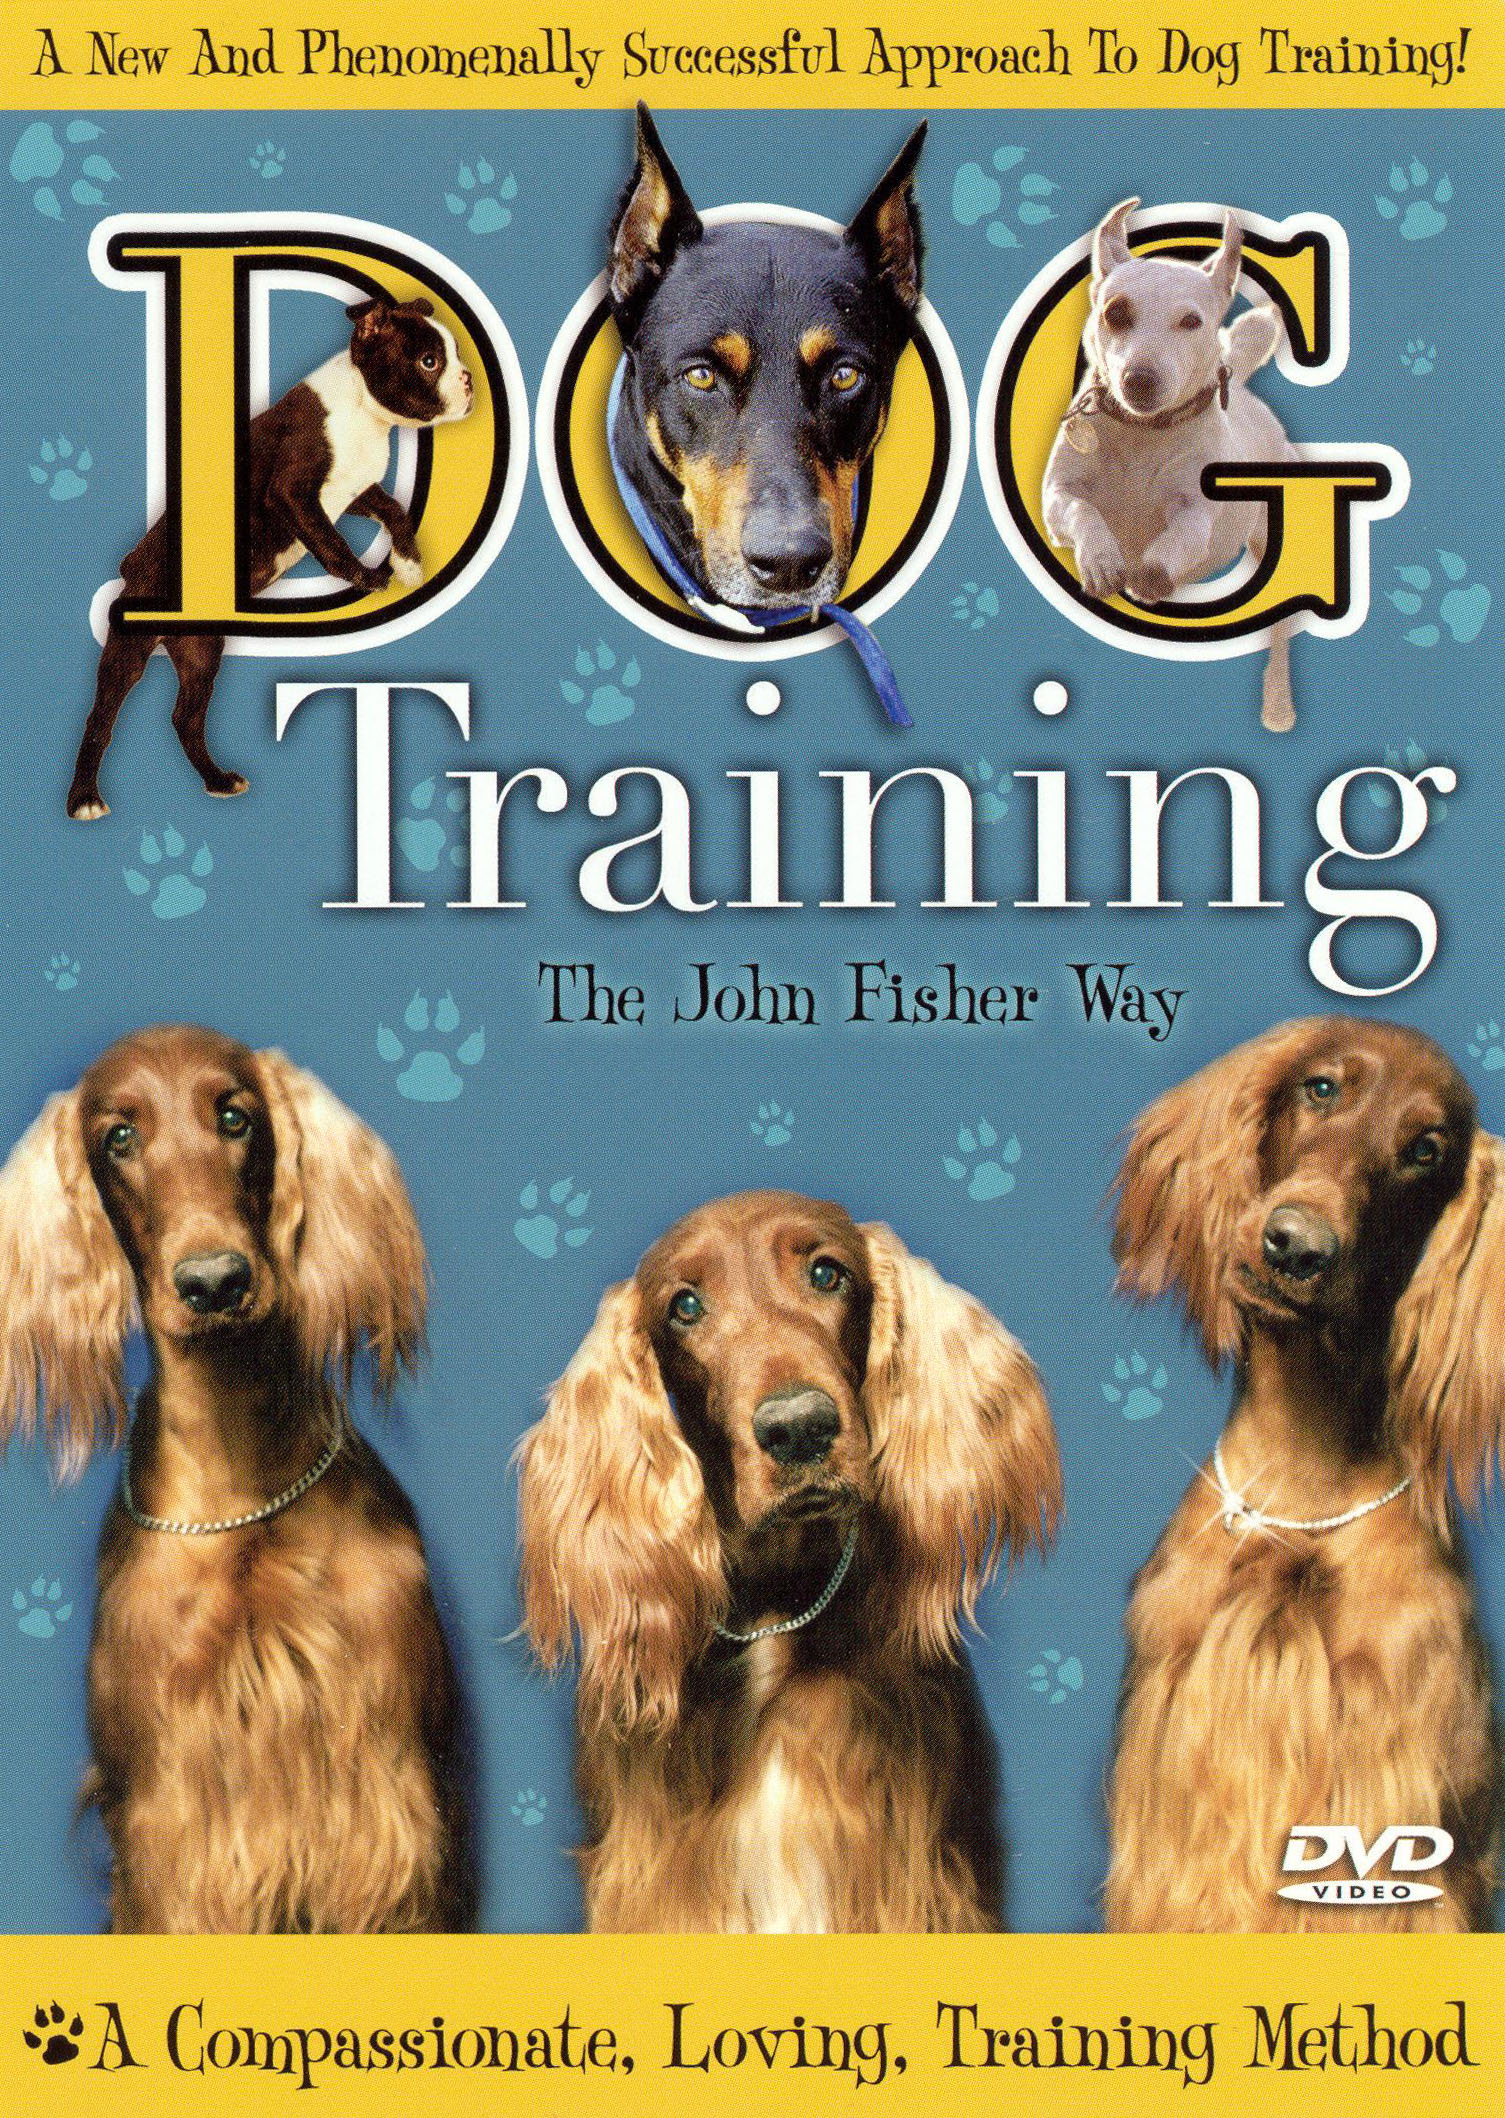 Dog Training: John Fisher